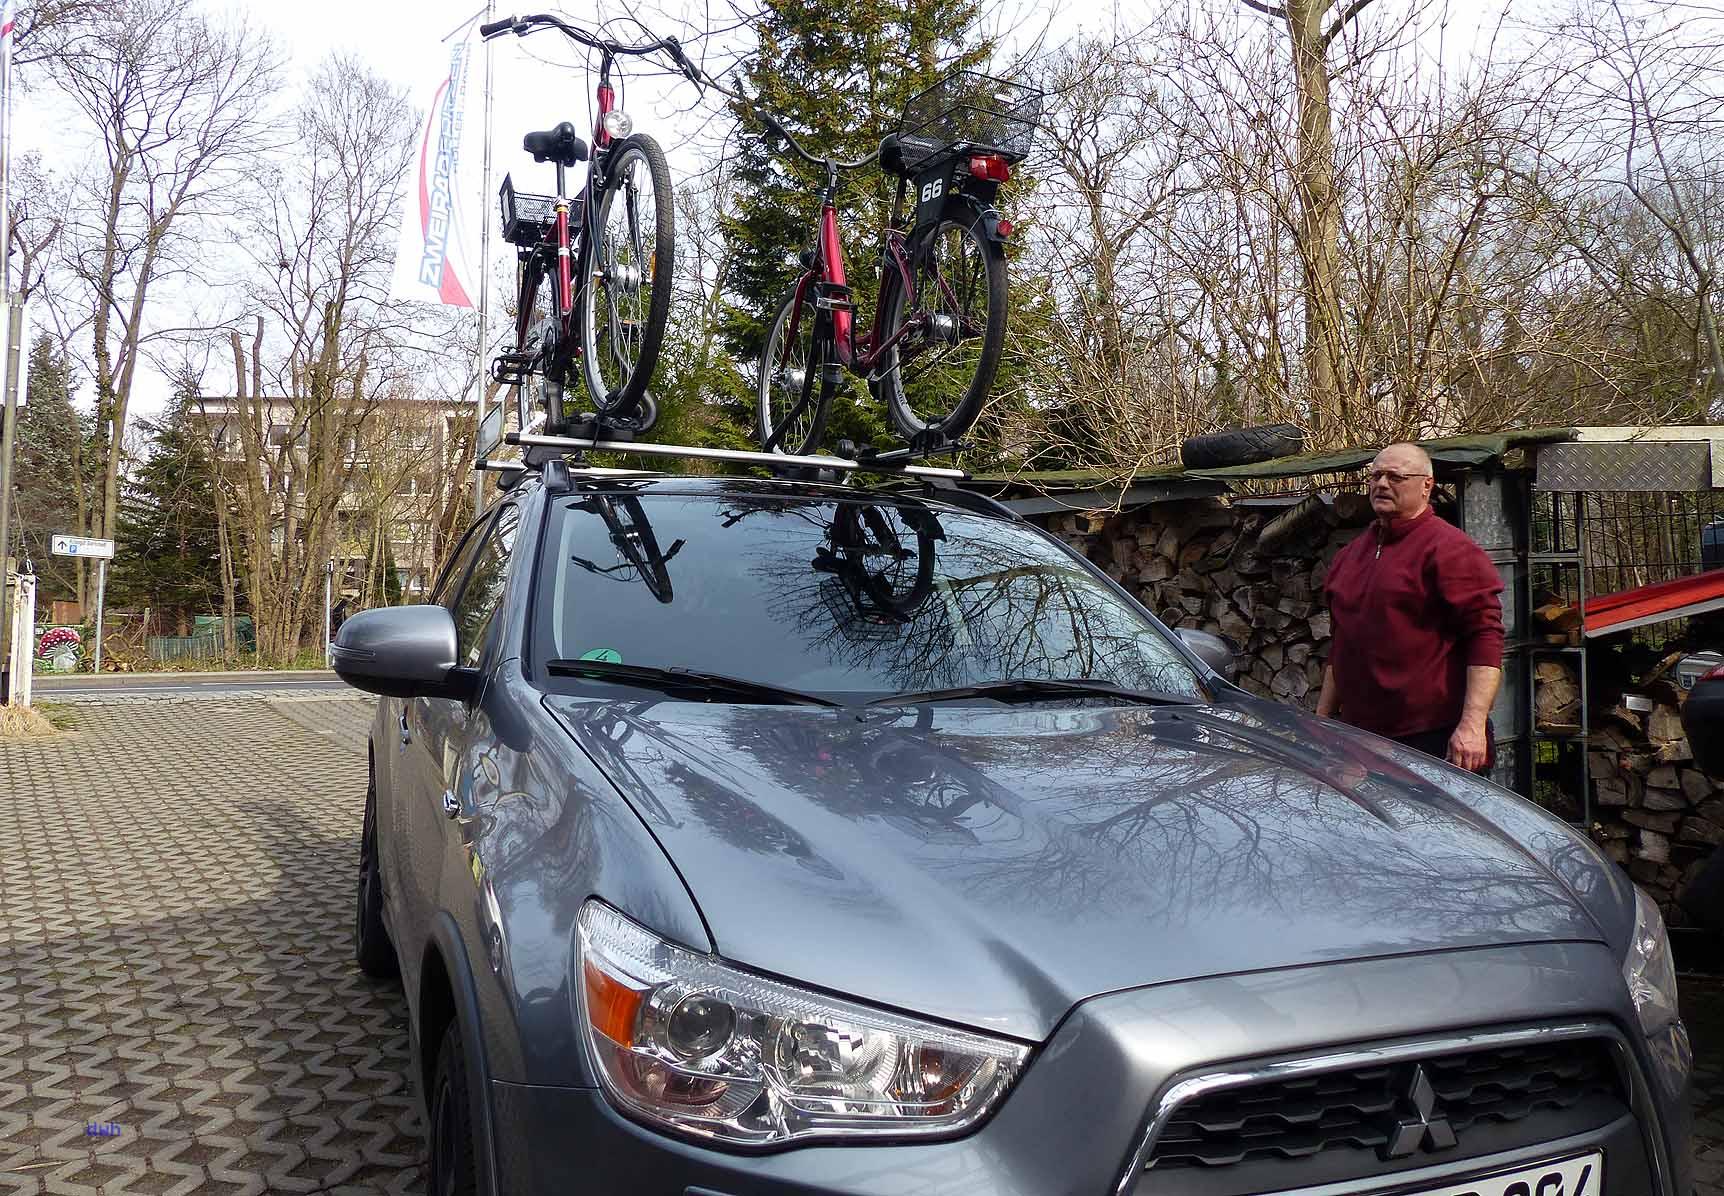 Geschafft: In 10 Minuten sind zwei Fahrräder auf dem Dach des Mitsubishi ASX montiert.